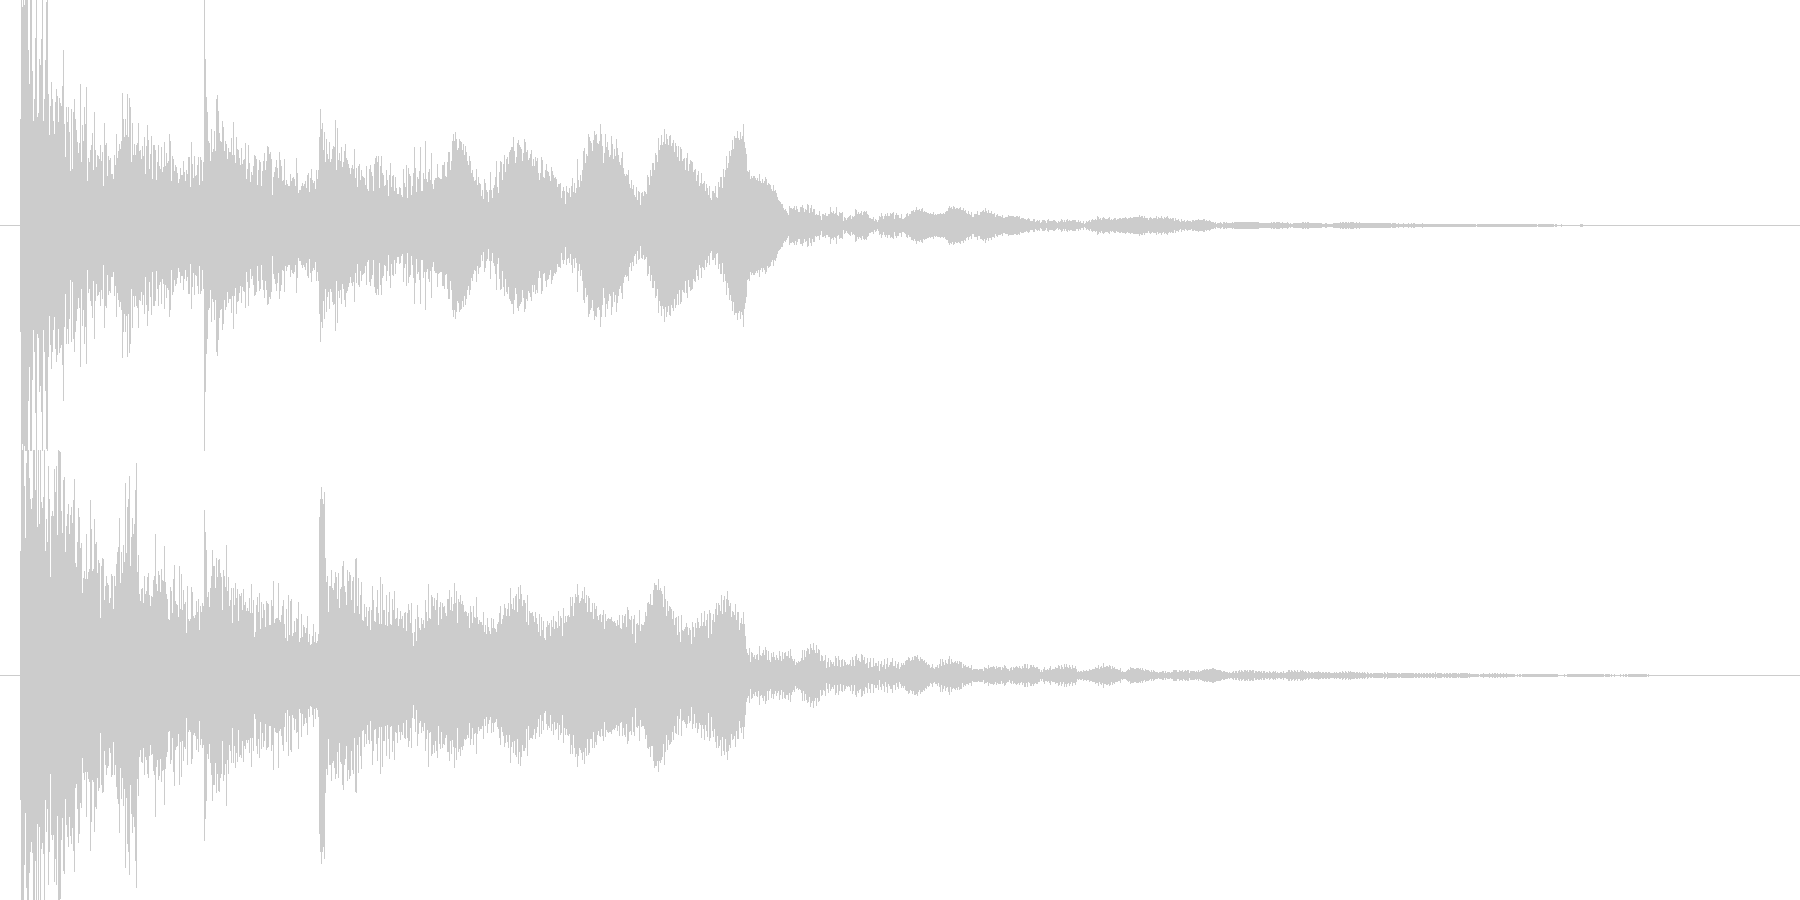 和風スタートクリックyoutubeのCMの未再生の波形